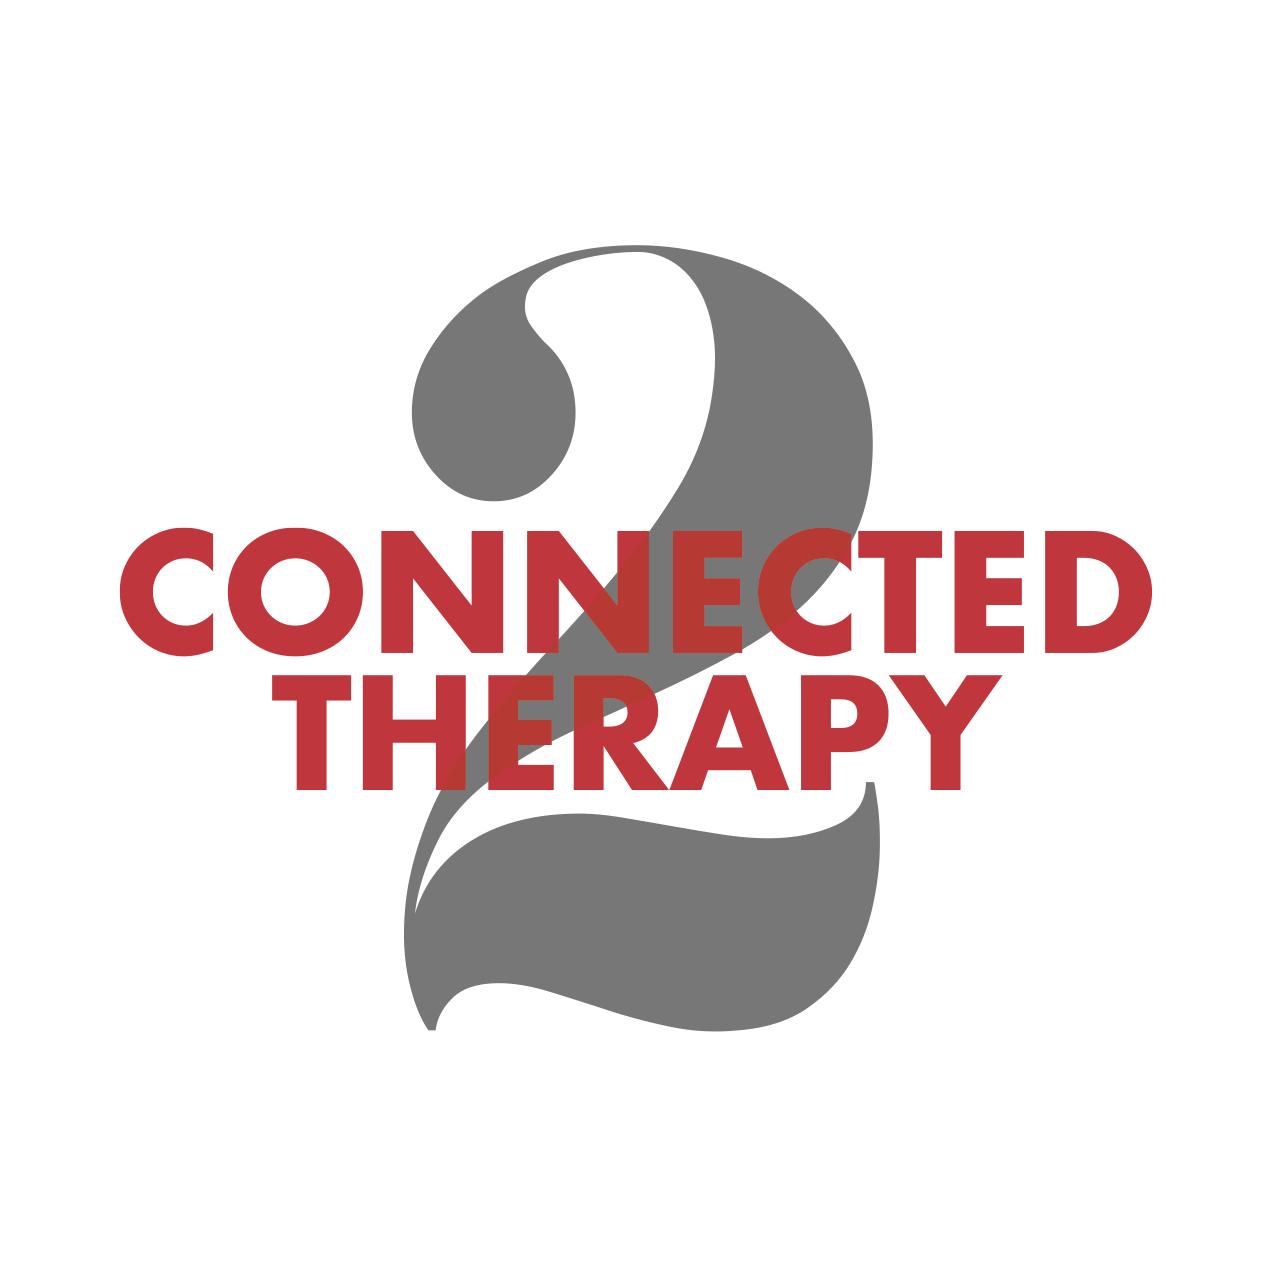 C2T_logo red+grey Encircle.png